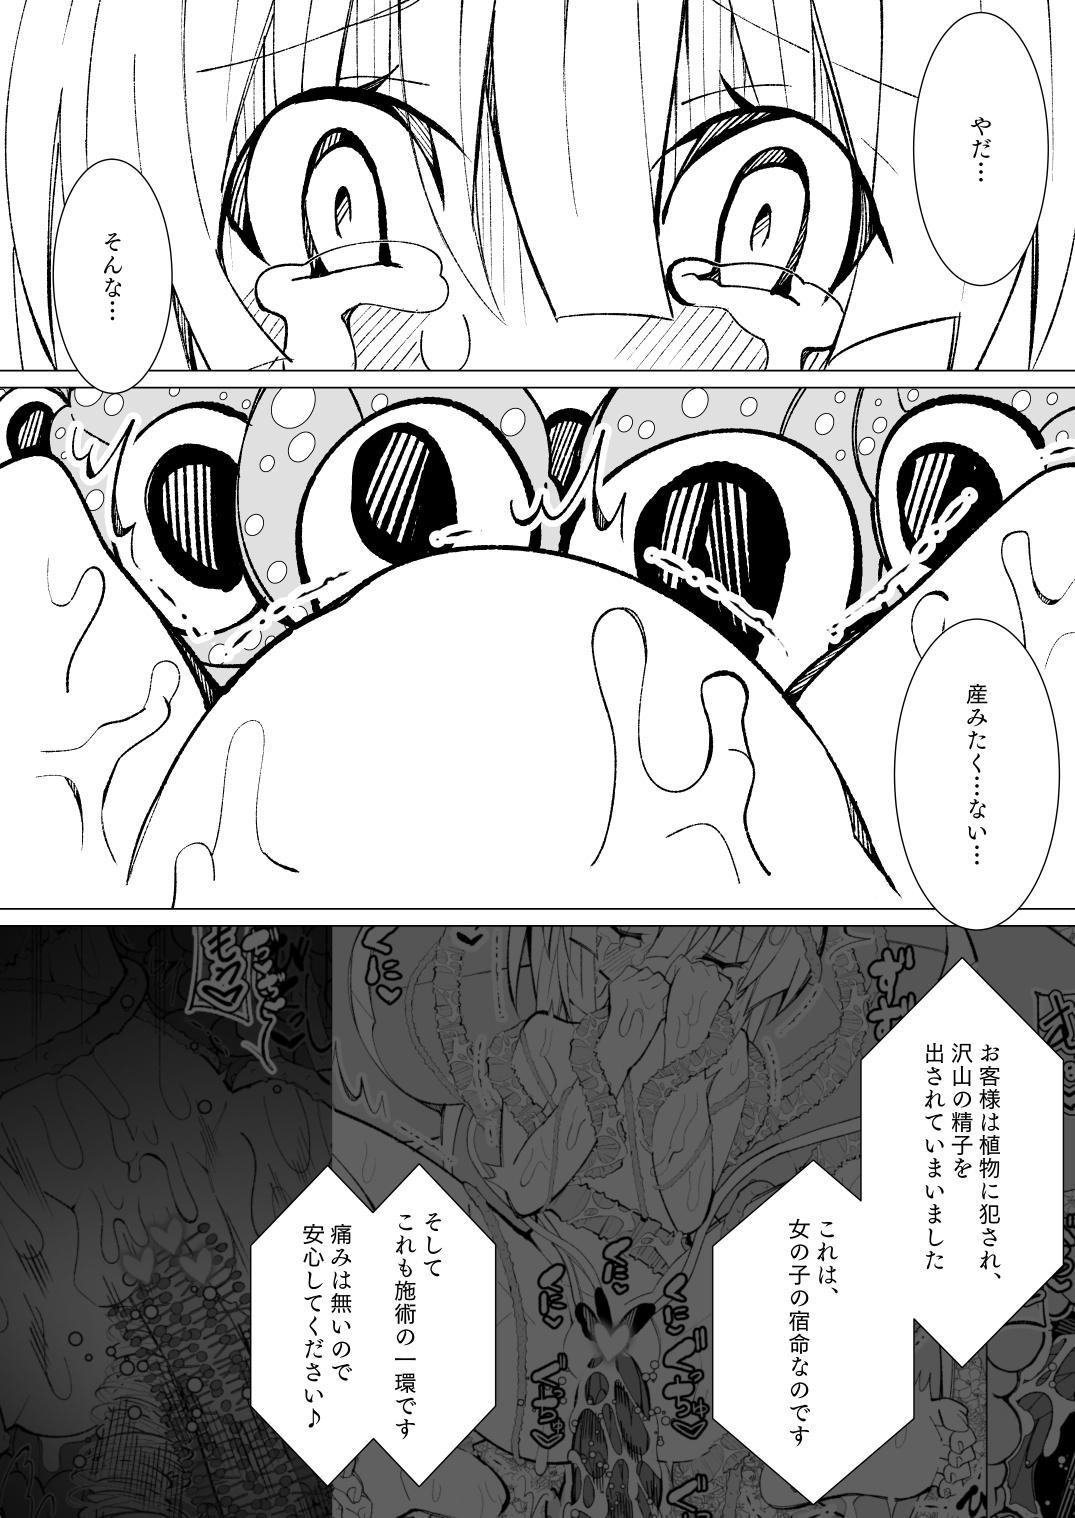 Ishu kan fūzoku-gai3 shokubutsu shokushu × rori 71